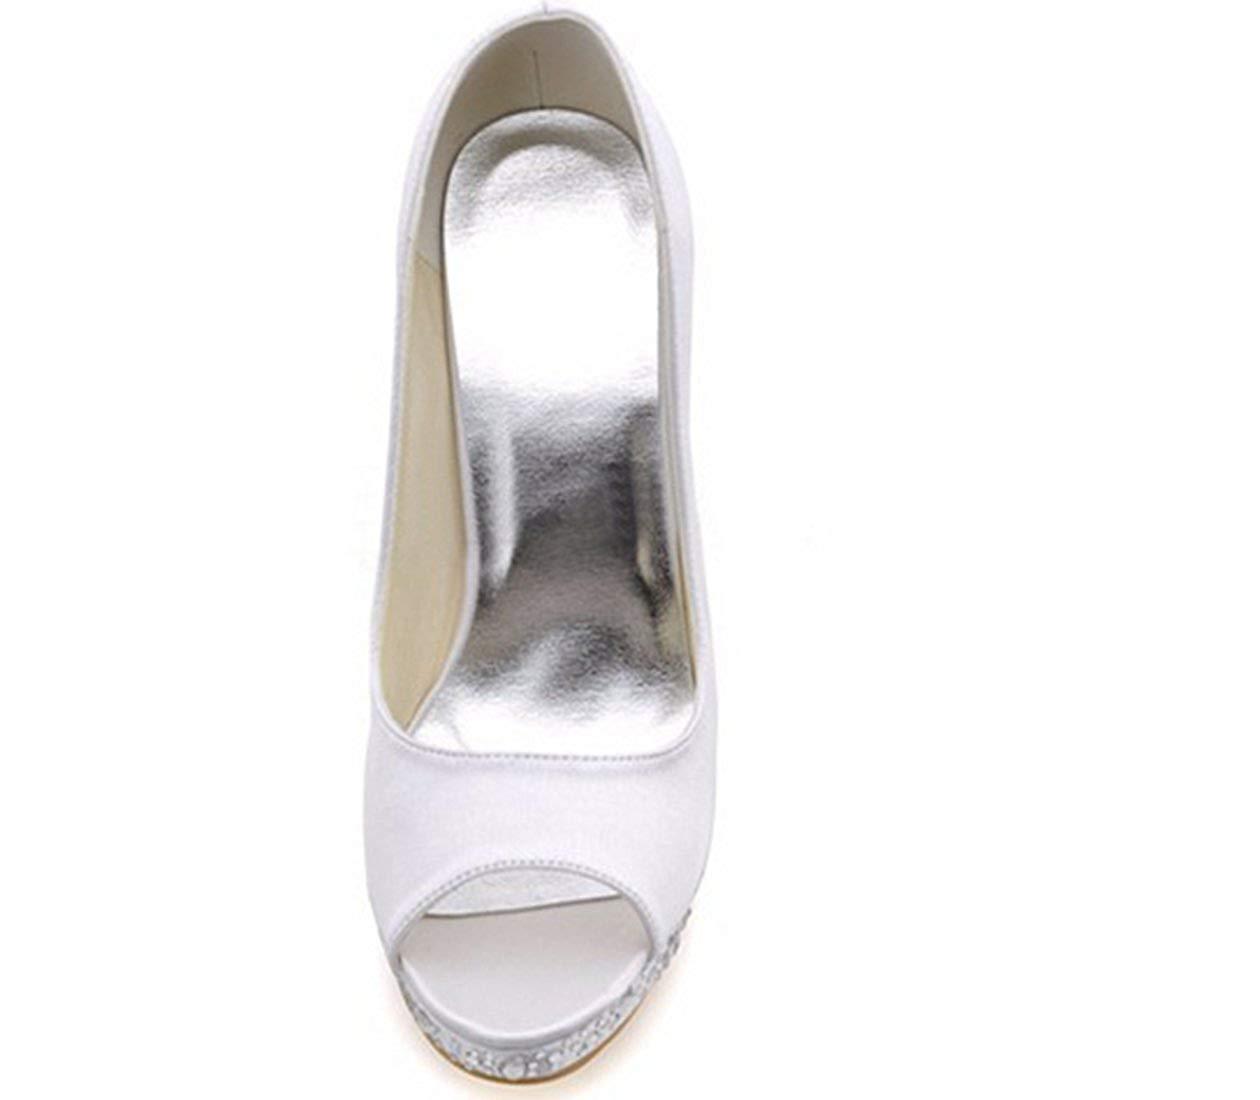 ZHRUI Damen Peep Toe Kristalle Stiletto High High High Heel Weiß Satin Braut Hochzeit Sandalen UK 8 (Farbe   -, Größe   -) 8bc735